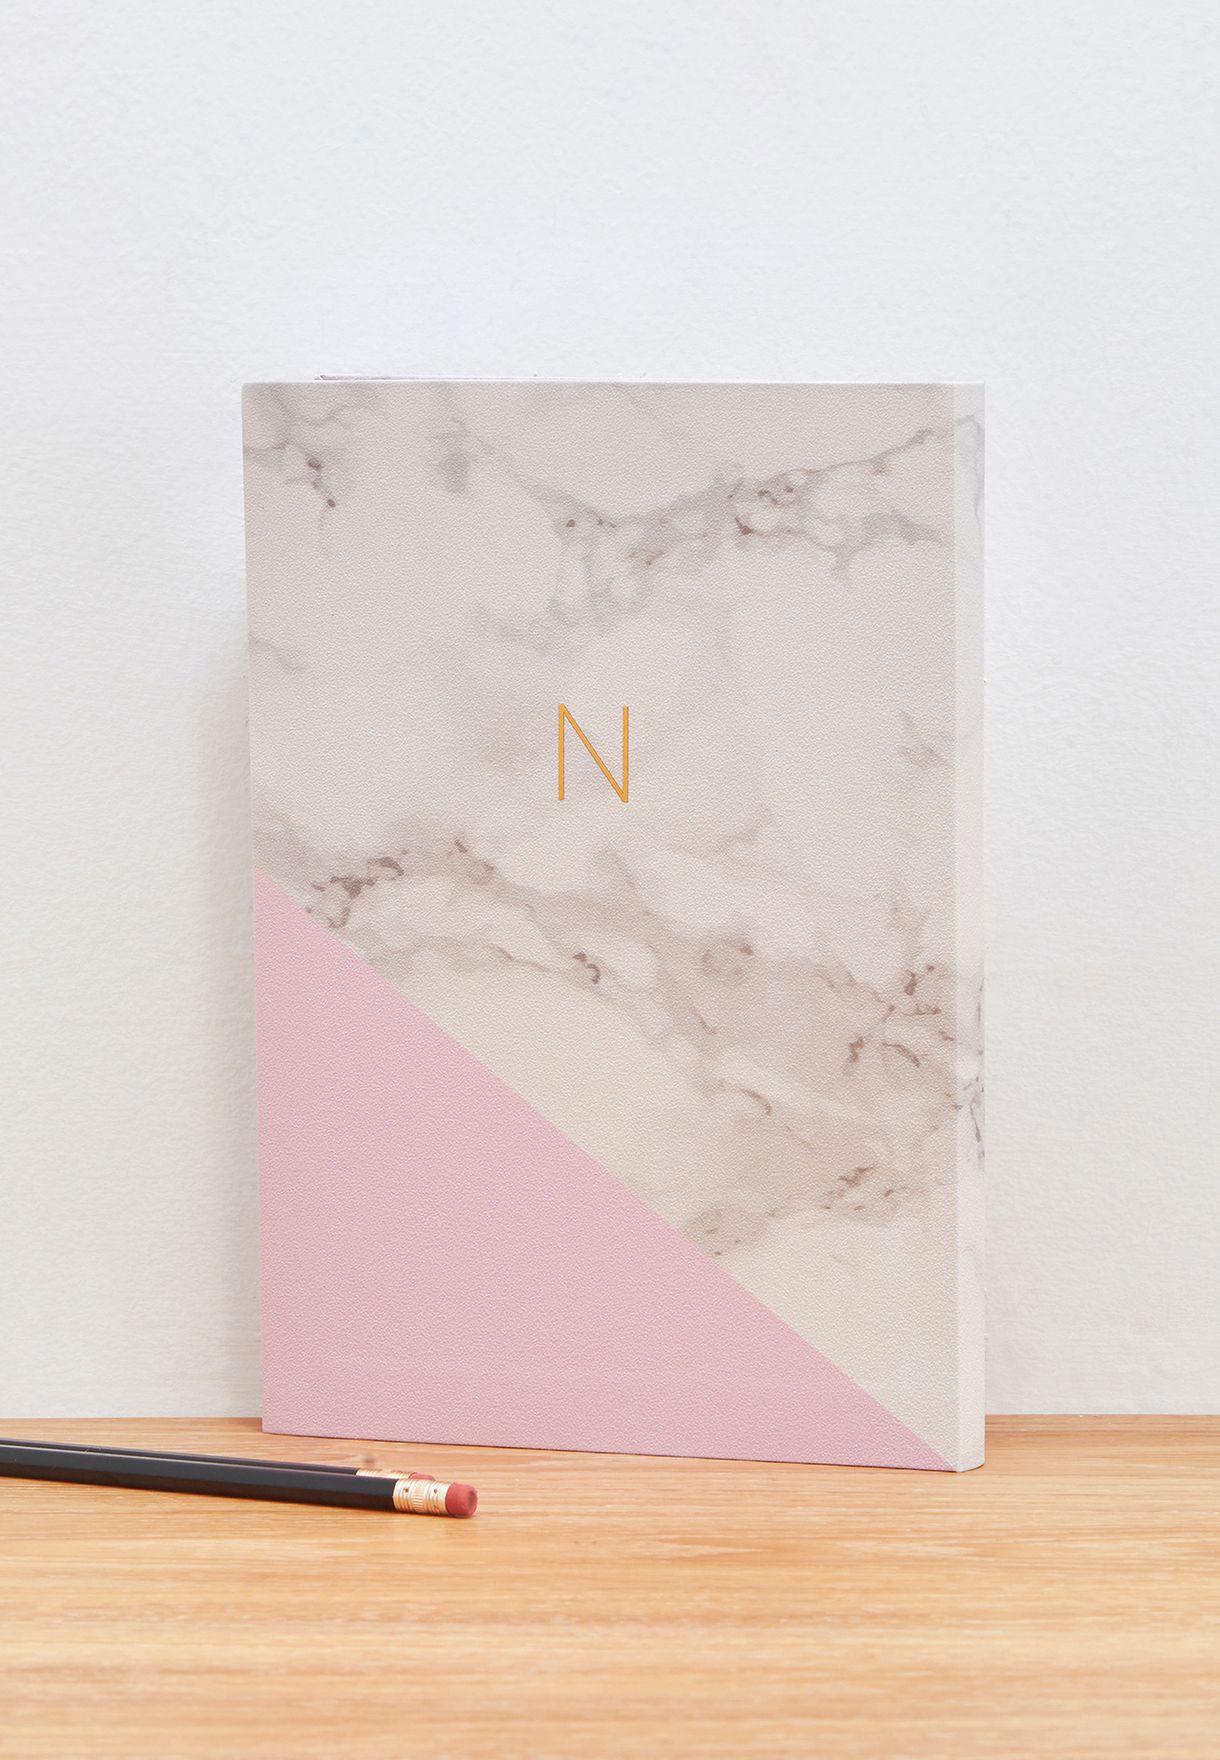 Premium Monogram Notebook N - B5 17.5x25cm